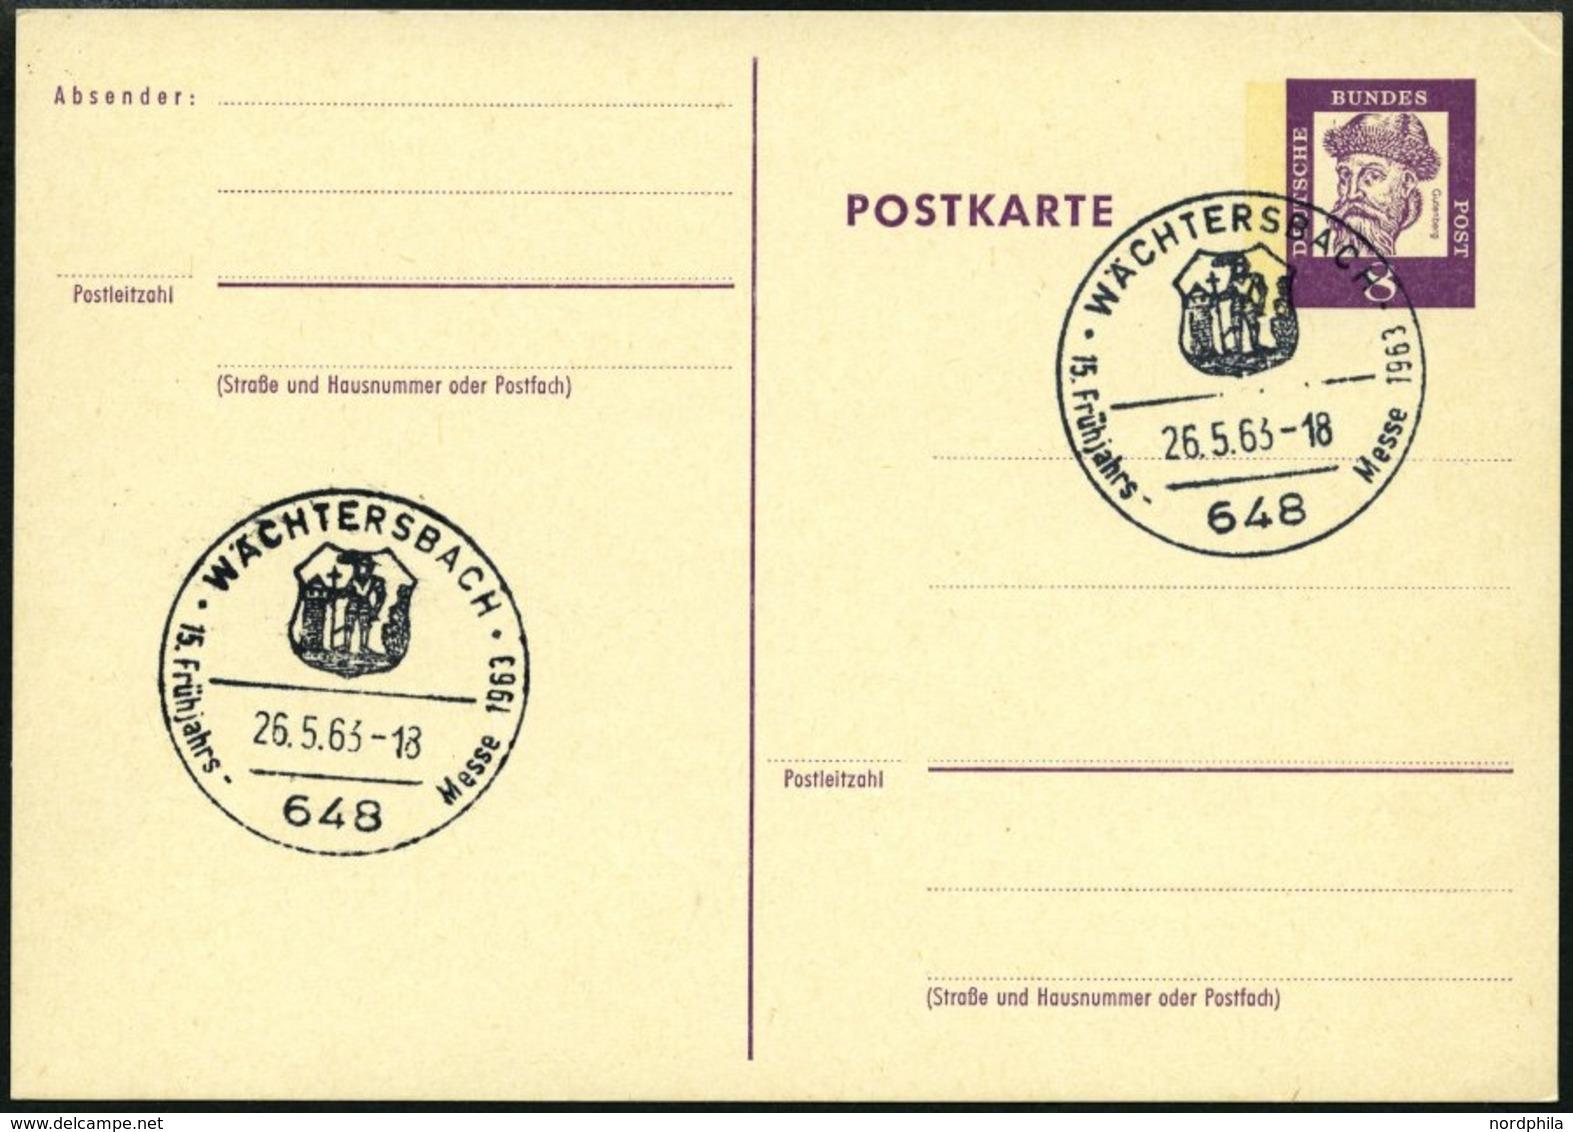 GANZSACHEN P 73 BRIEF, 1962, 8 Pf. Gutenberg, Postkarte In Grotesk-Schrift, Leer Gestempelt Mit Sonderstempel WÄCHTERSBA - Deutschland